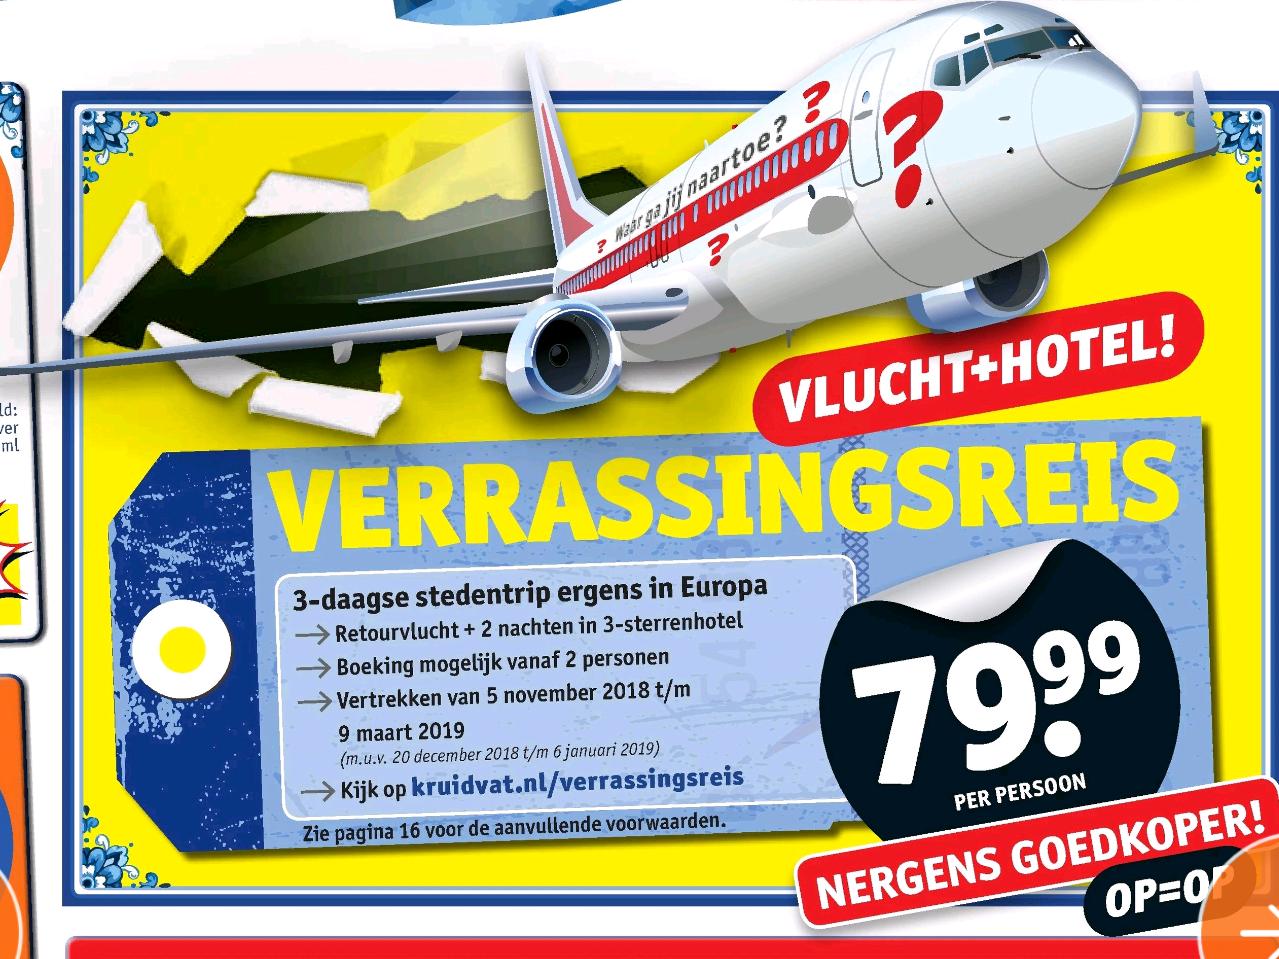 Kruidvat verrassingsreis voor €80 inclusief vlucht en hotel